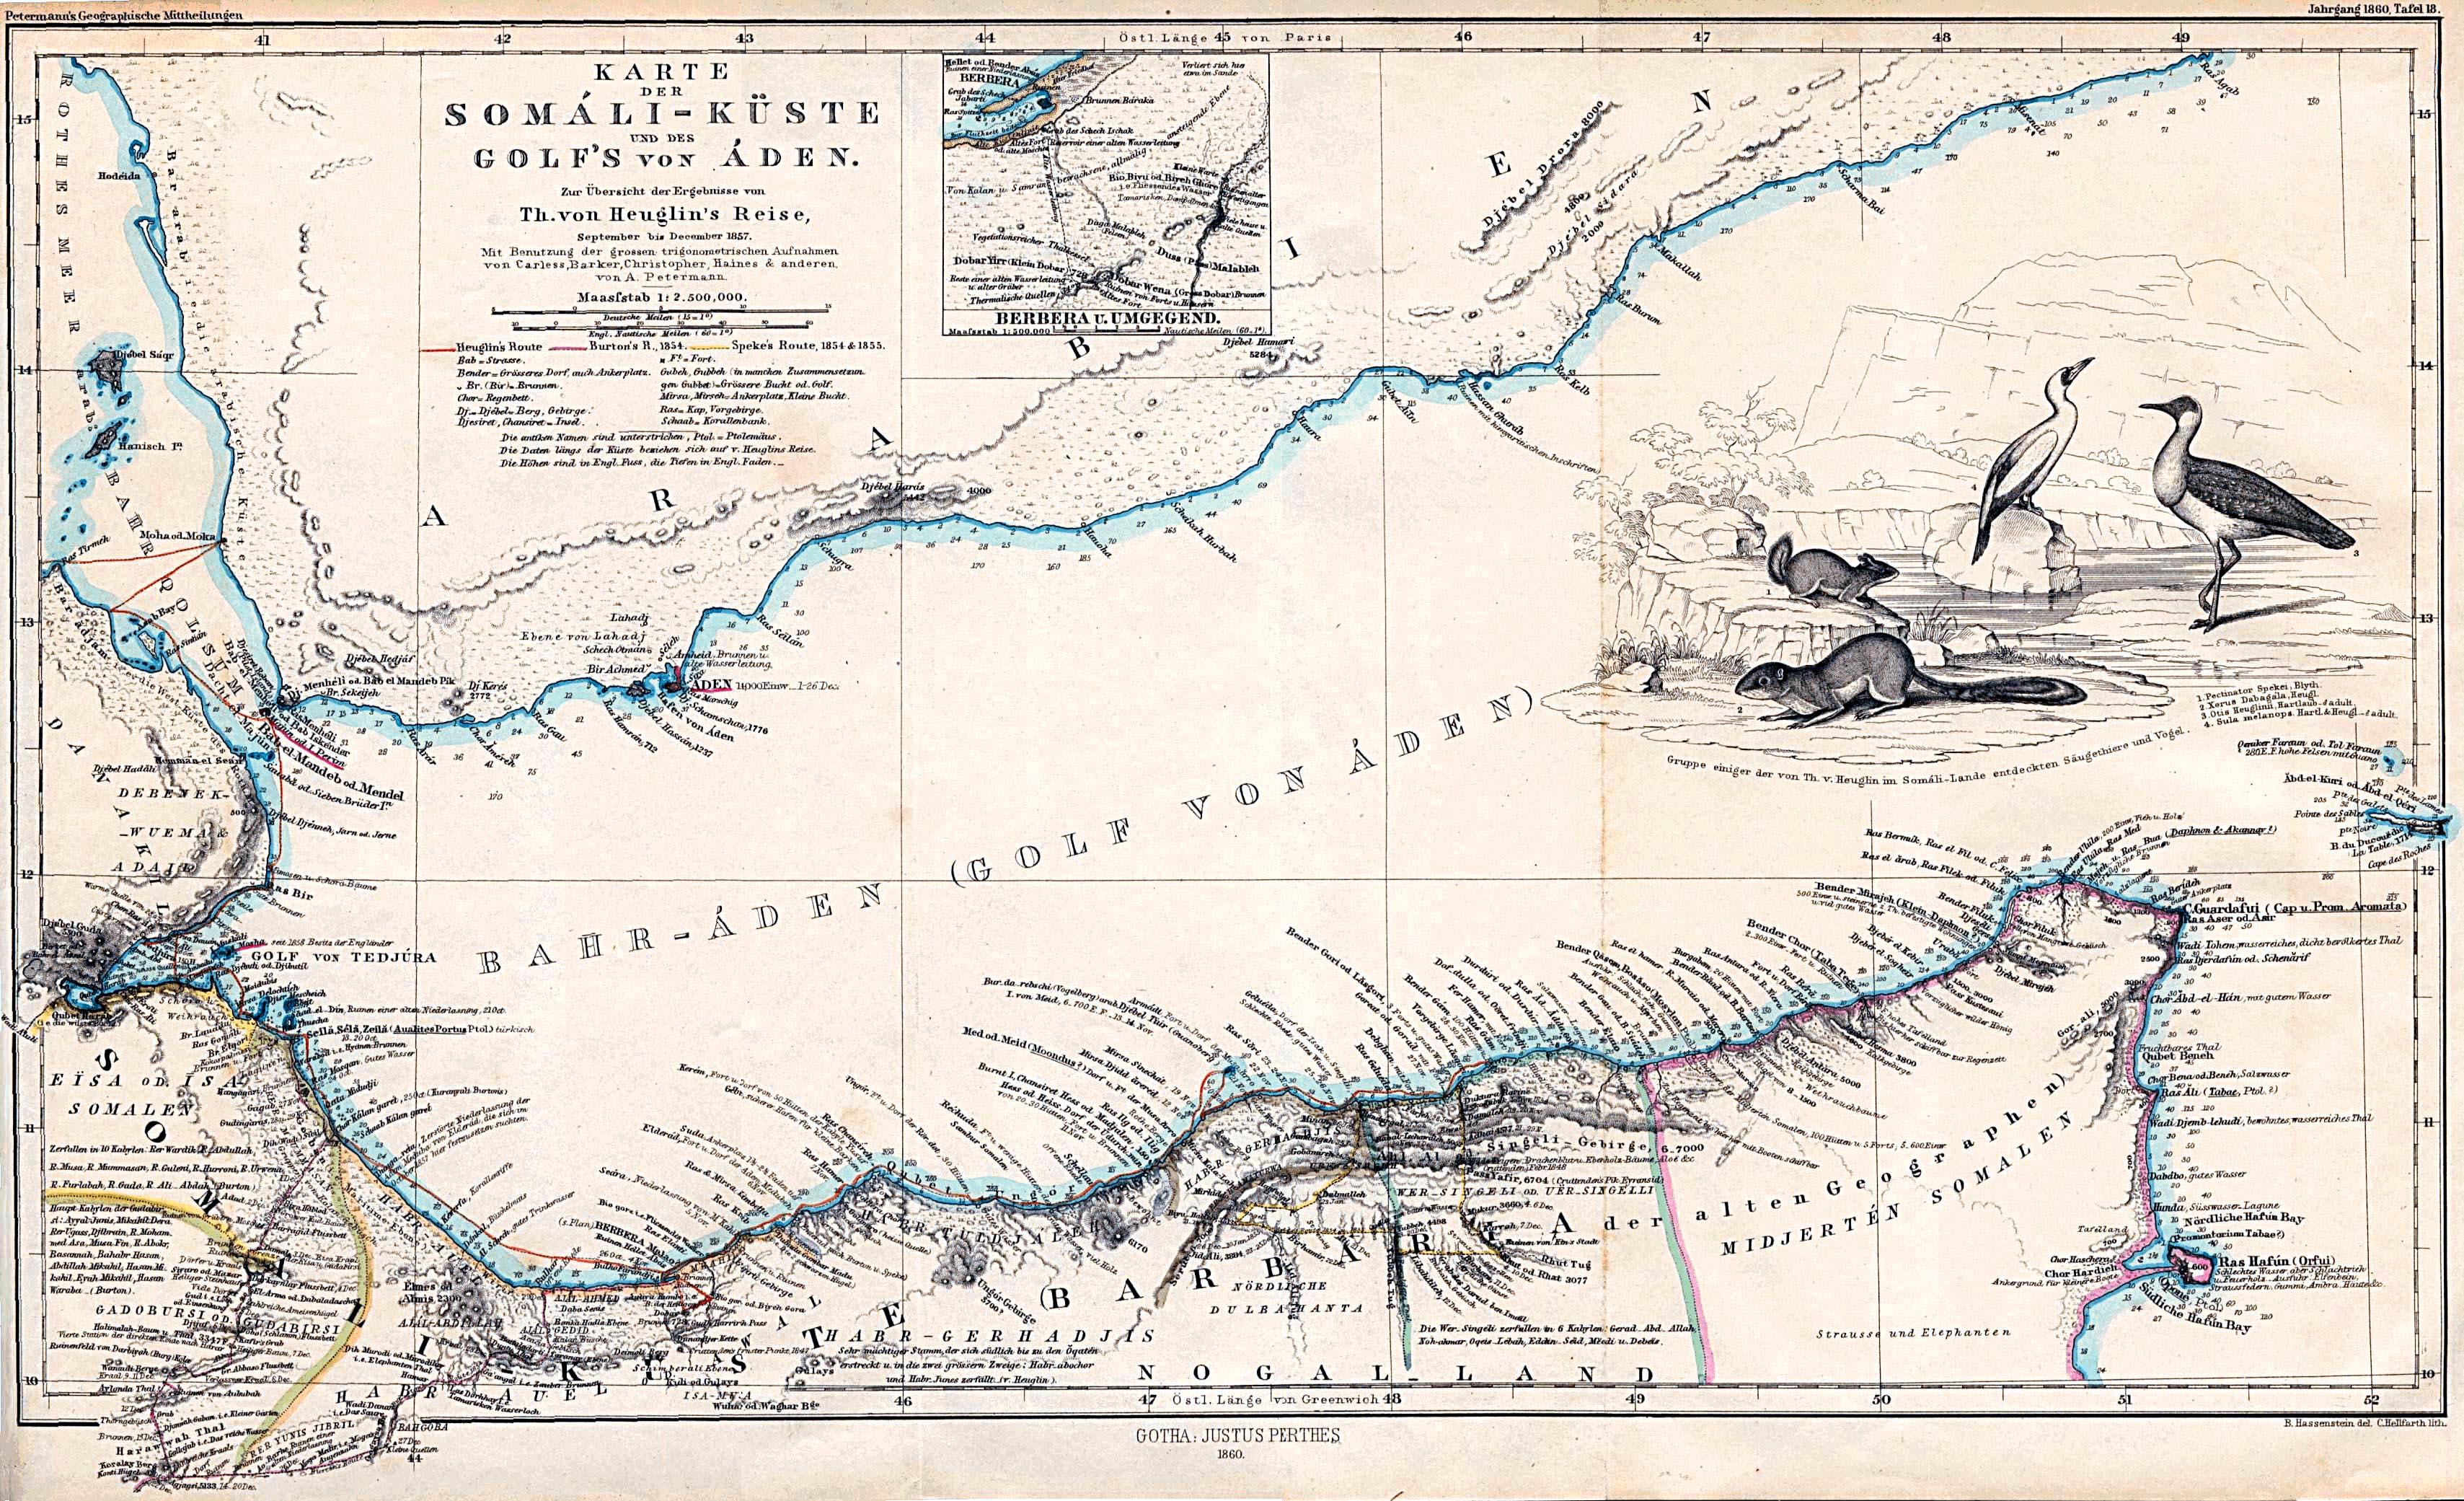 Aden: Maps